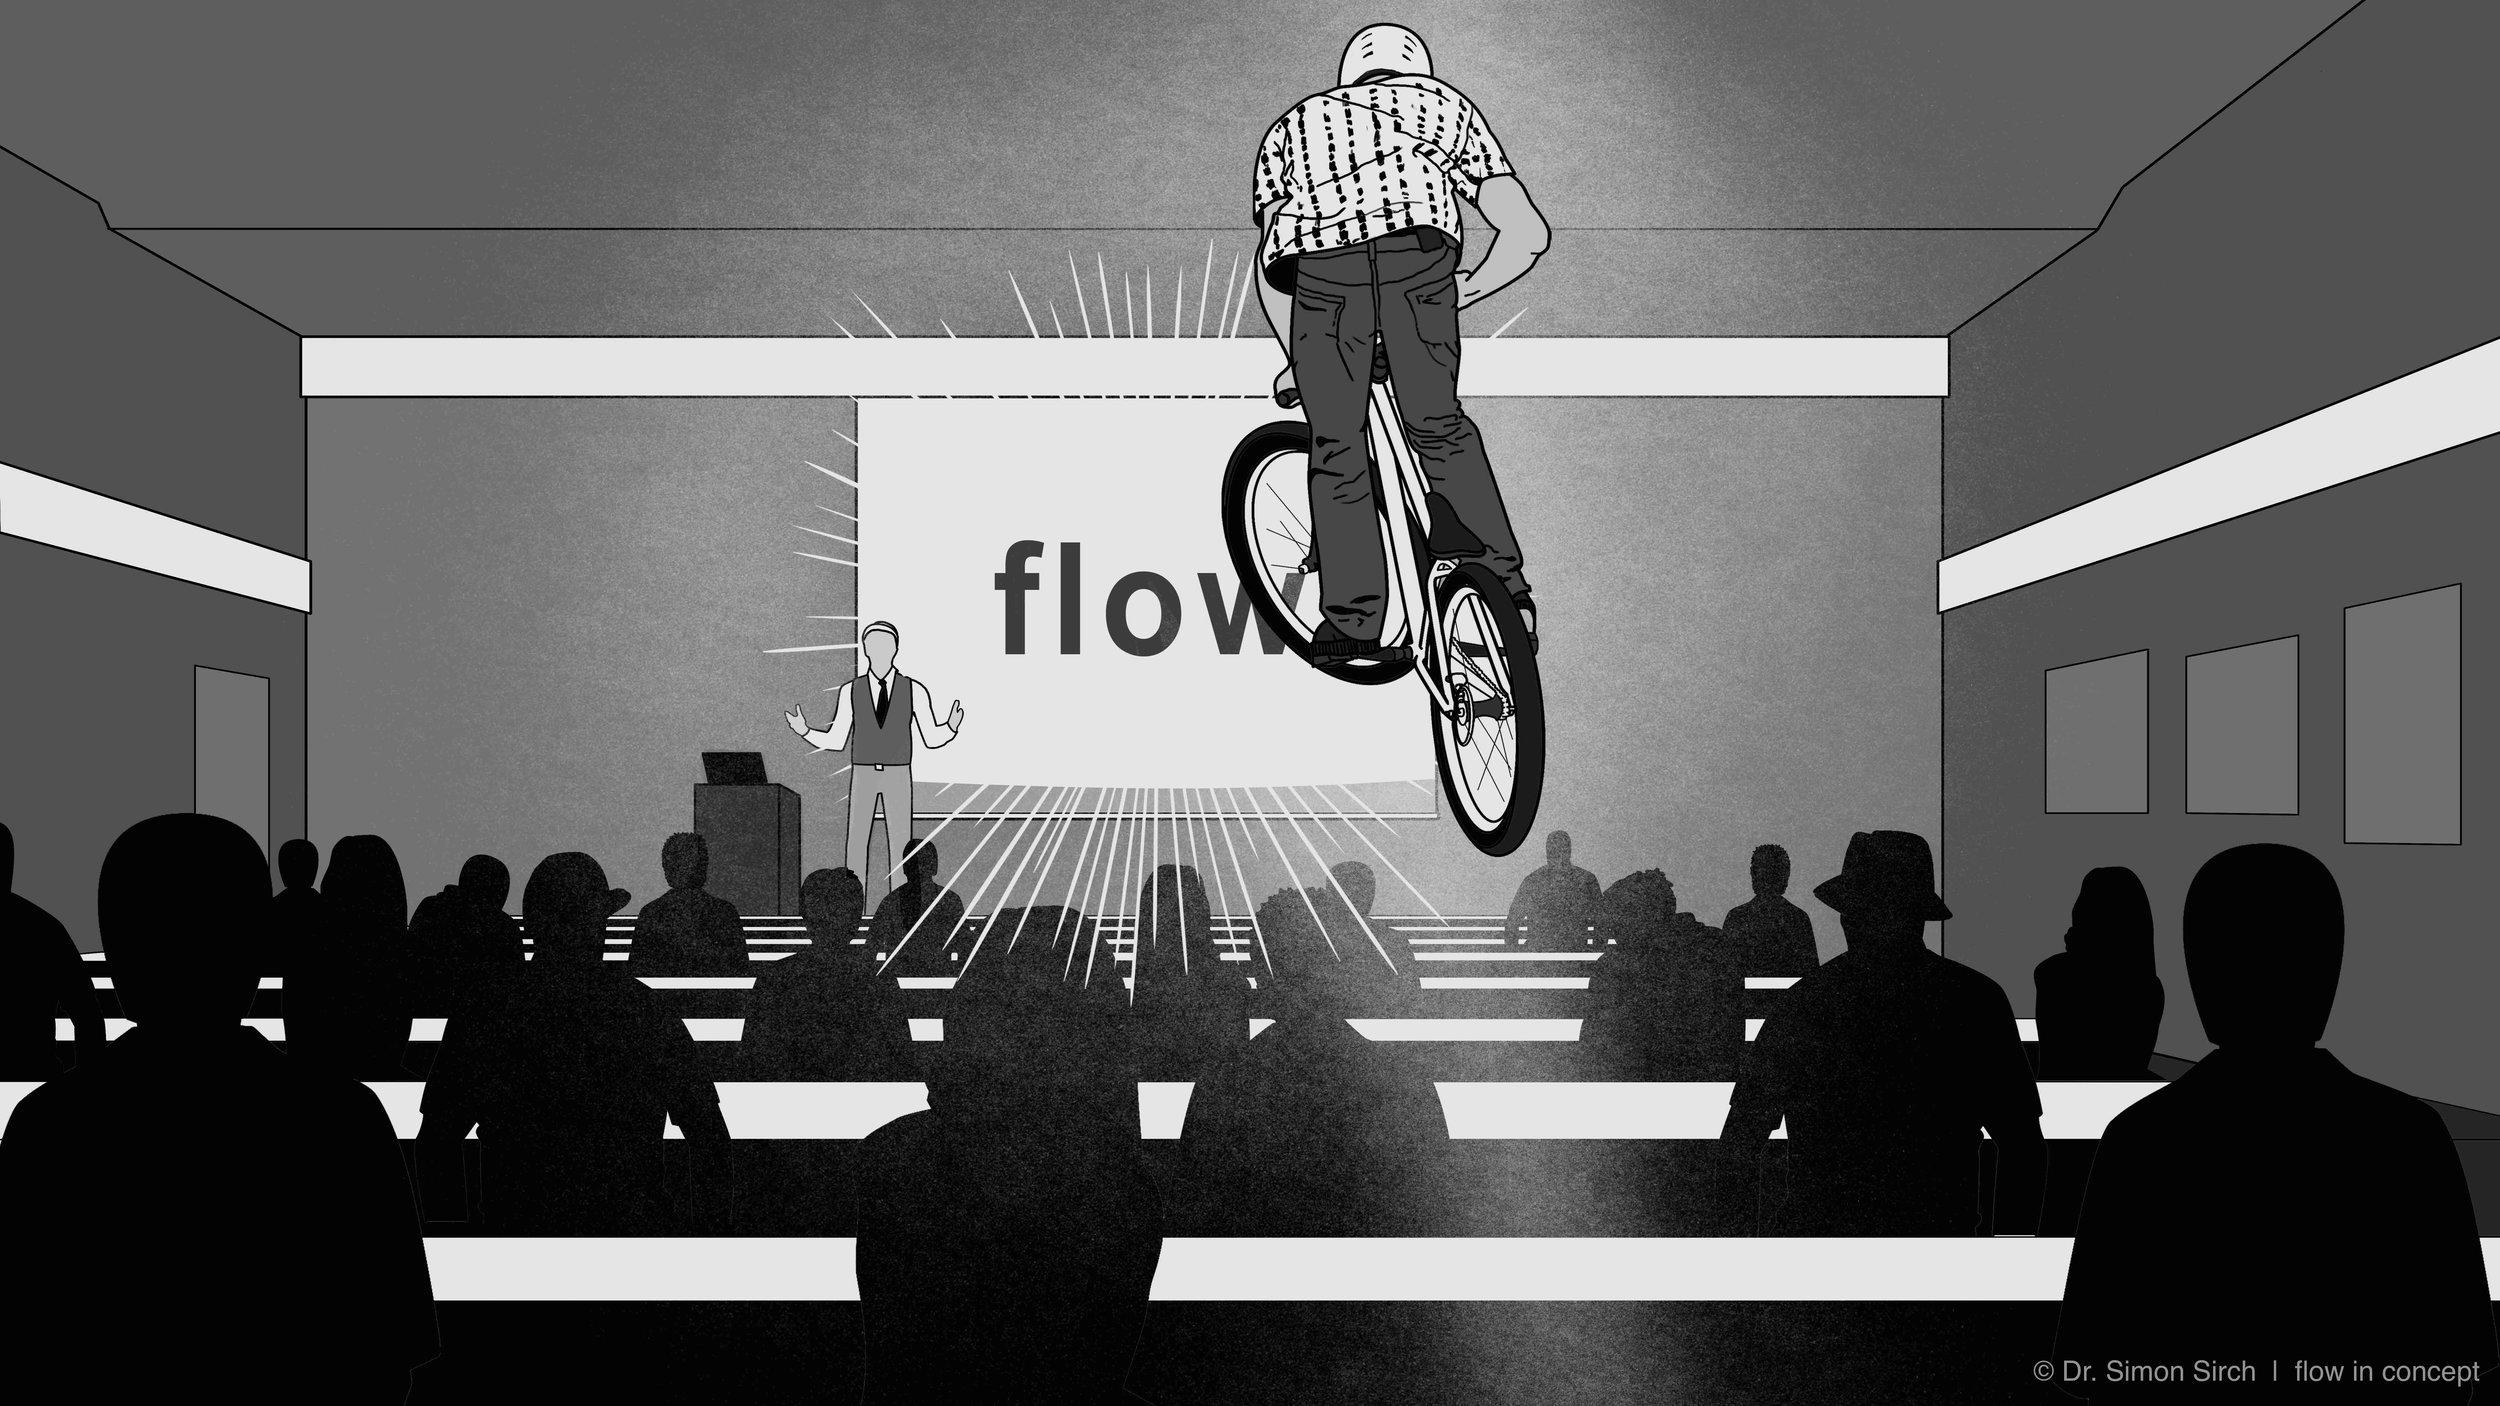 20170401-flowBLOG-erstkontakt-mtb-hörsaal-jump-16x9-abgedunkelt-copyright.jpg